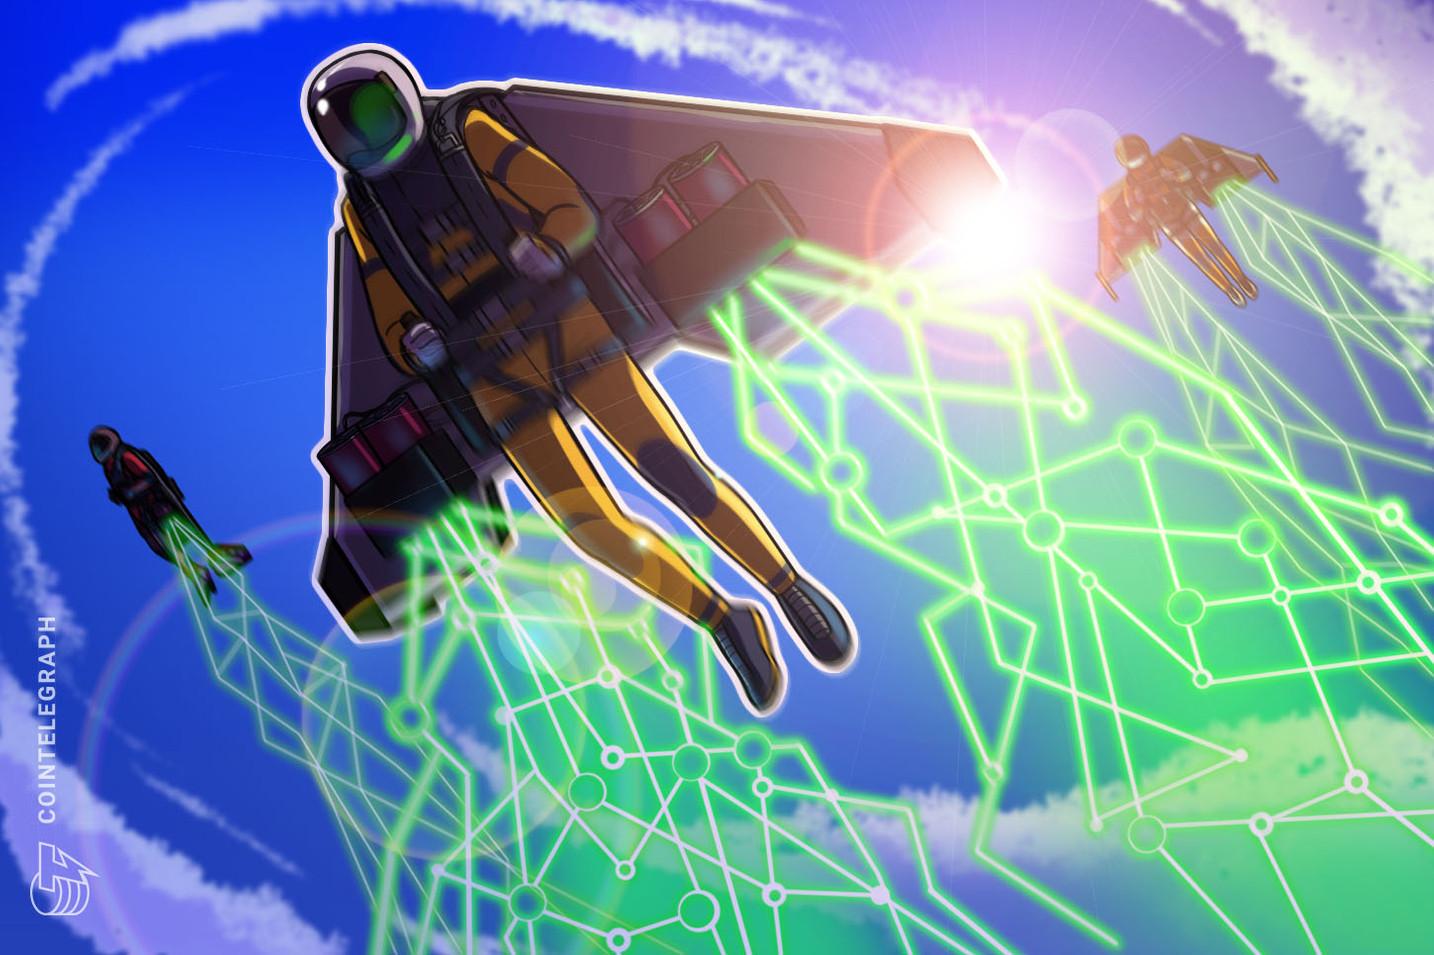 El precio de Bitcoin supera los USD 8,000 mientras que XRP sube un 5% al día